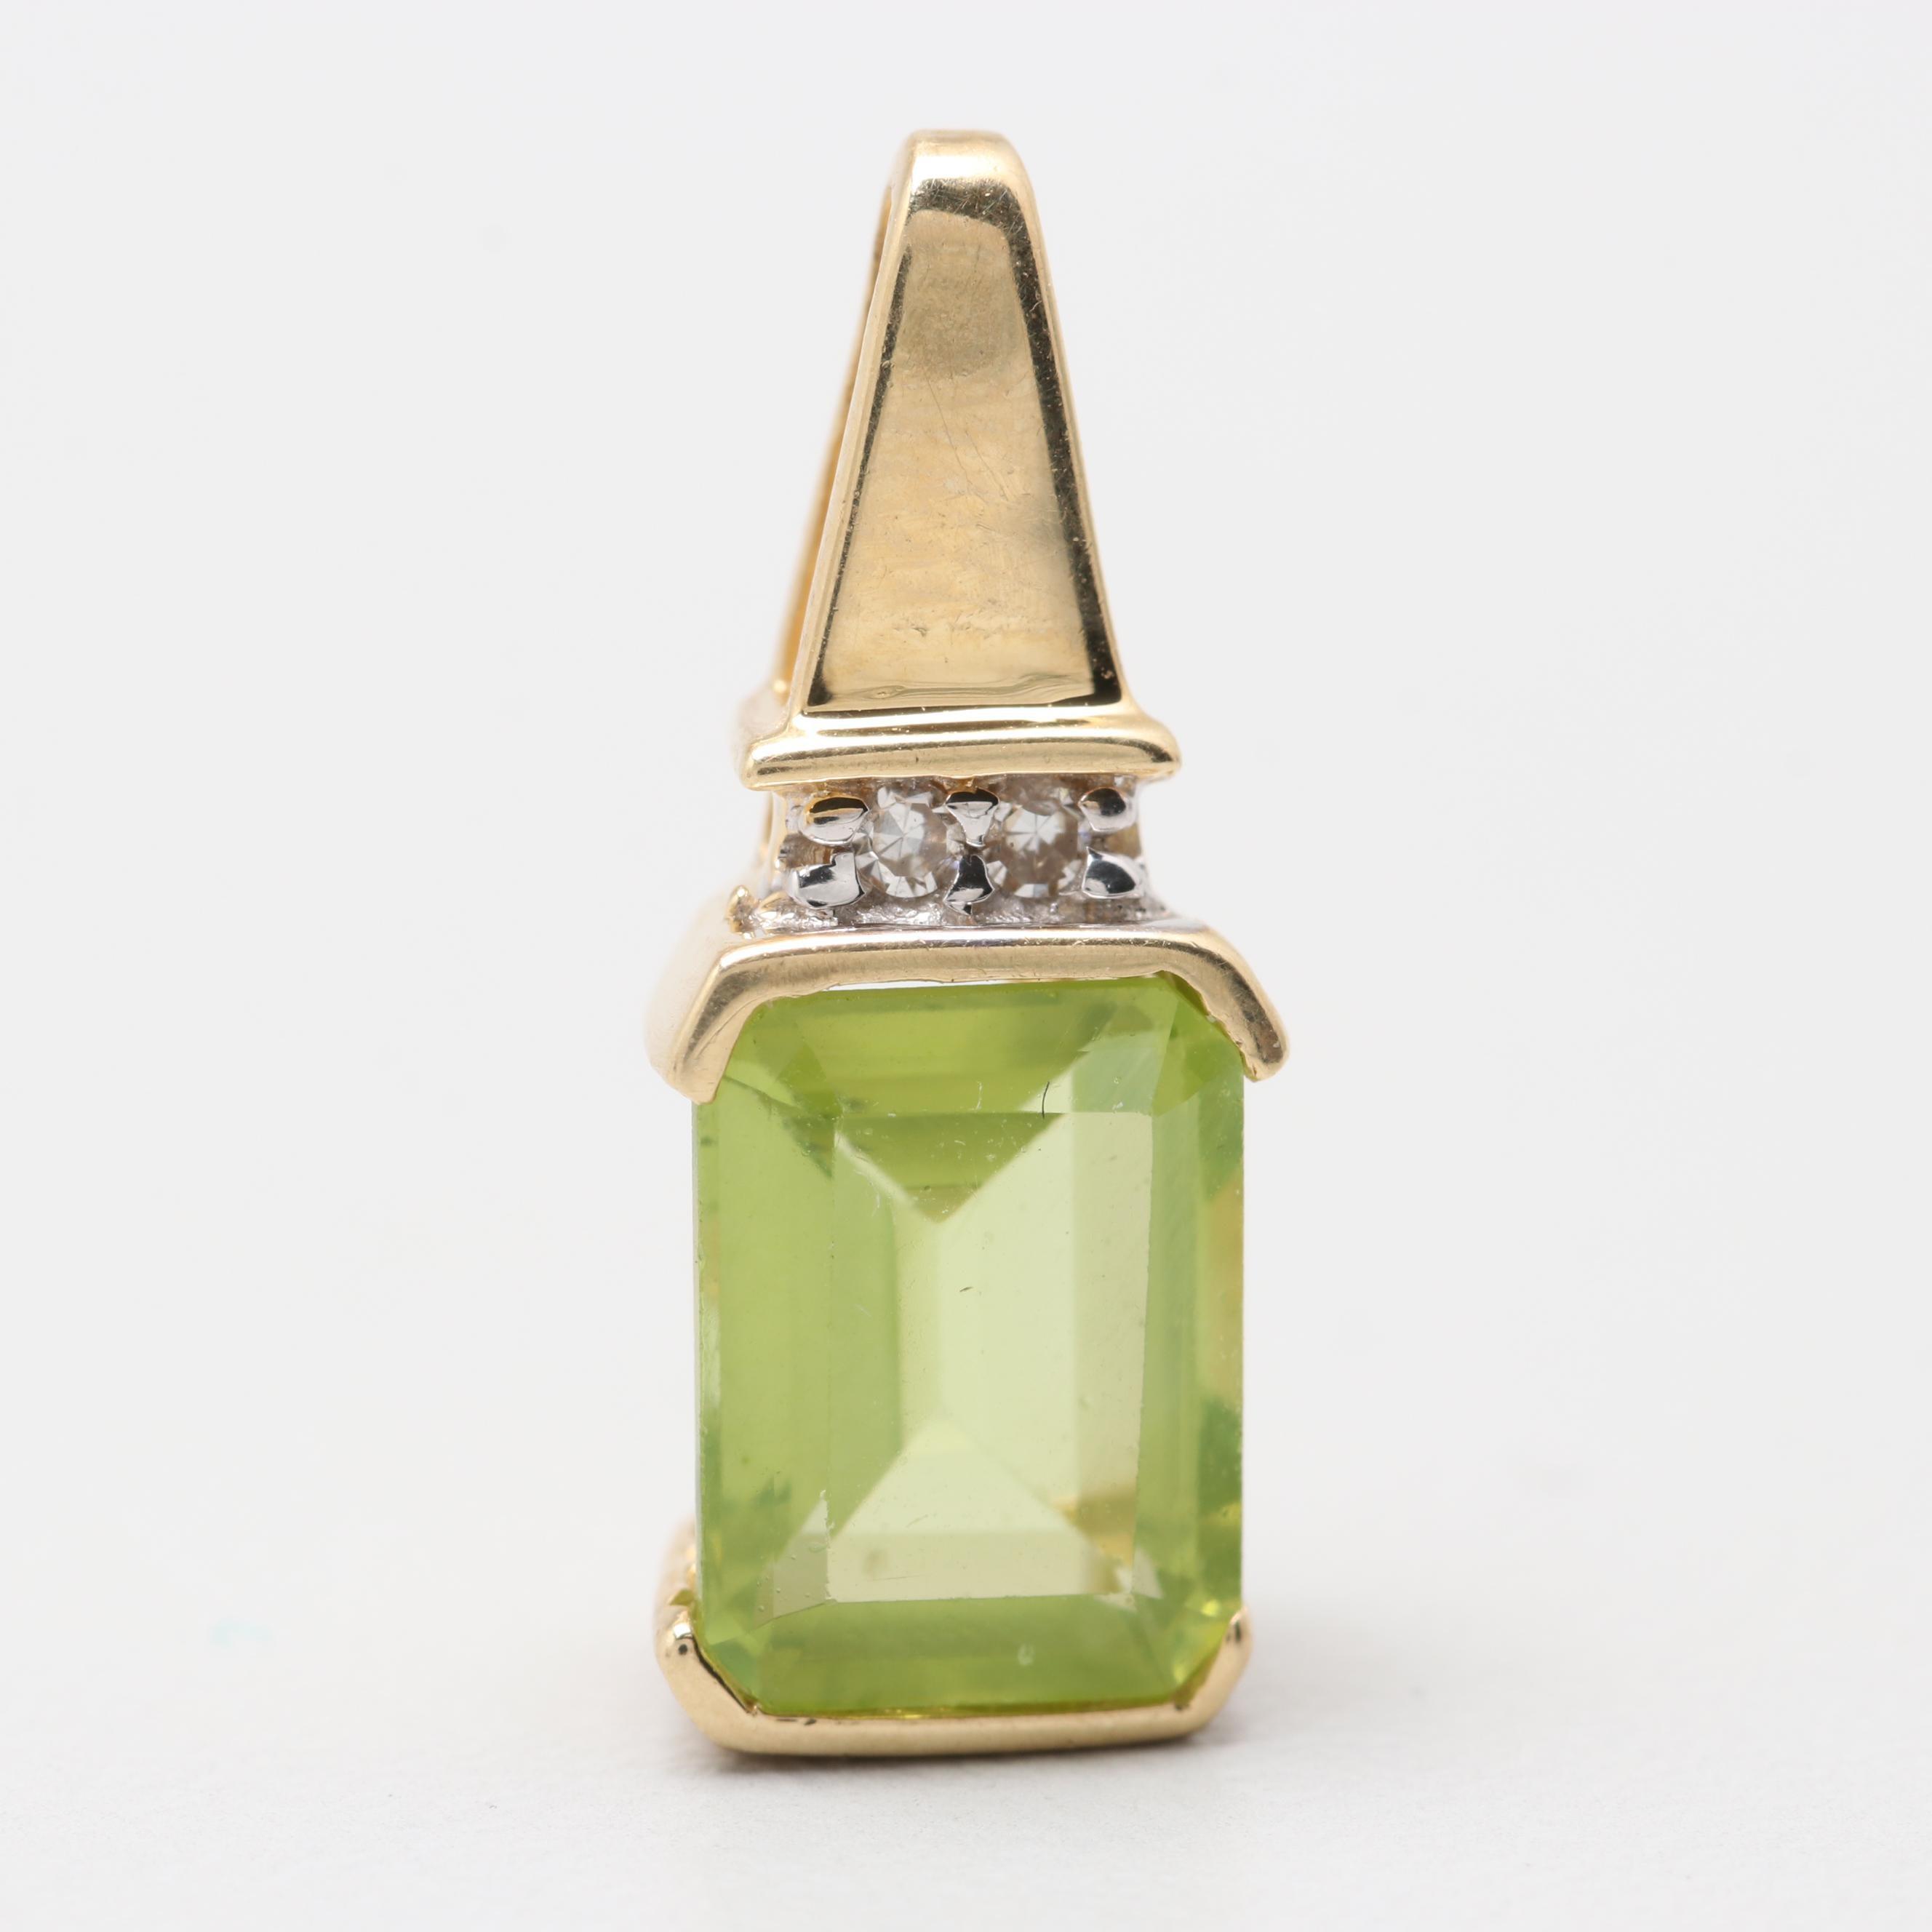 14K Yellow Gold Peridot and Diamond Pendant